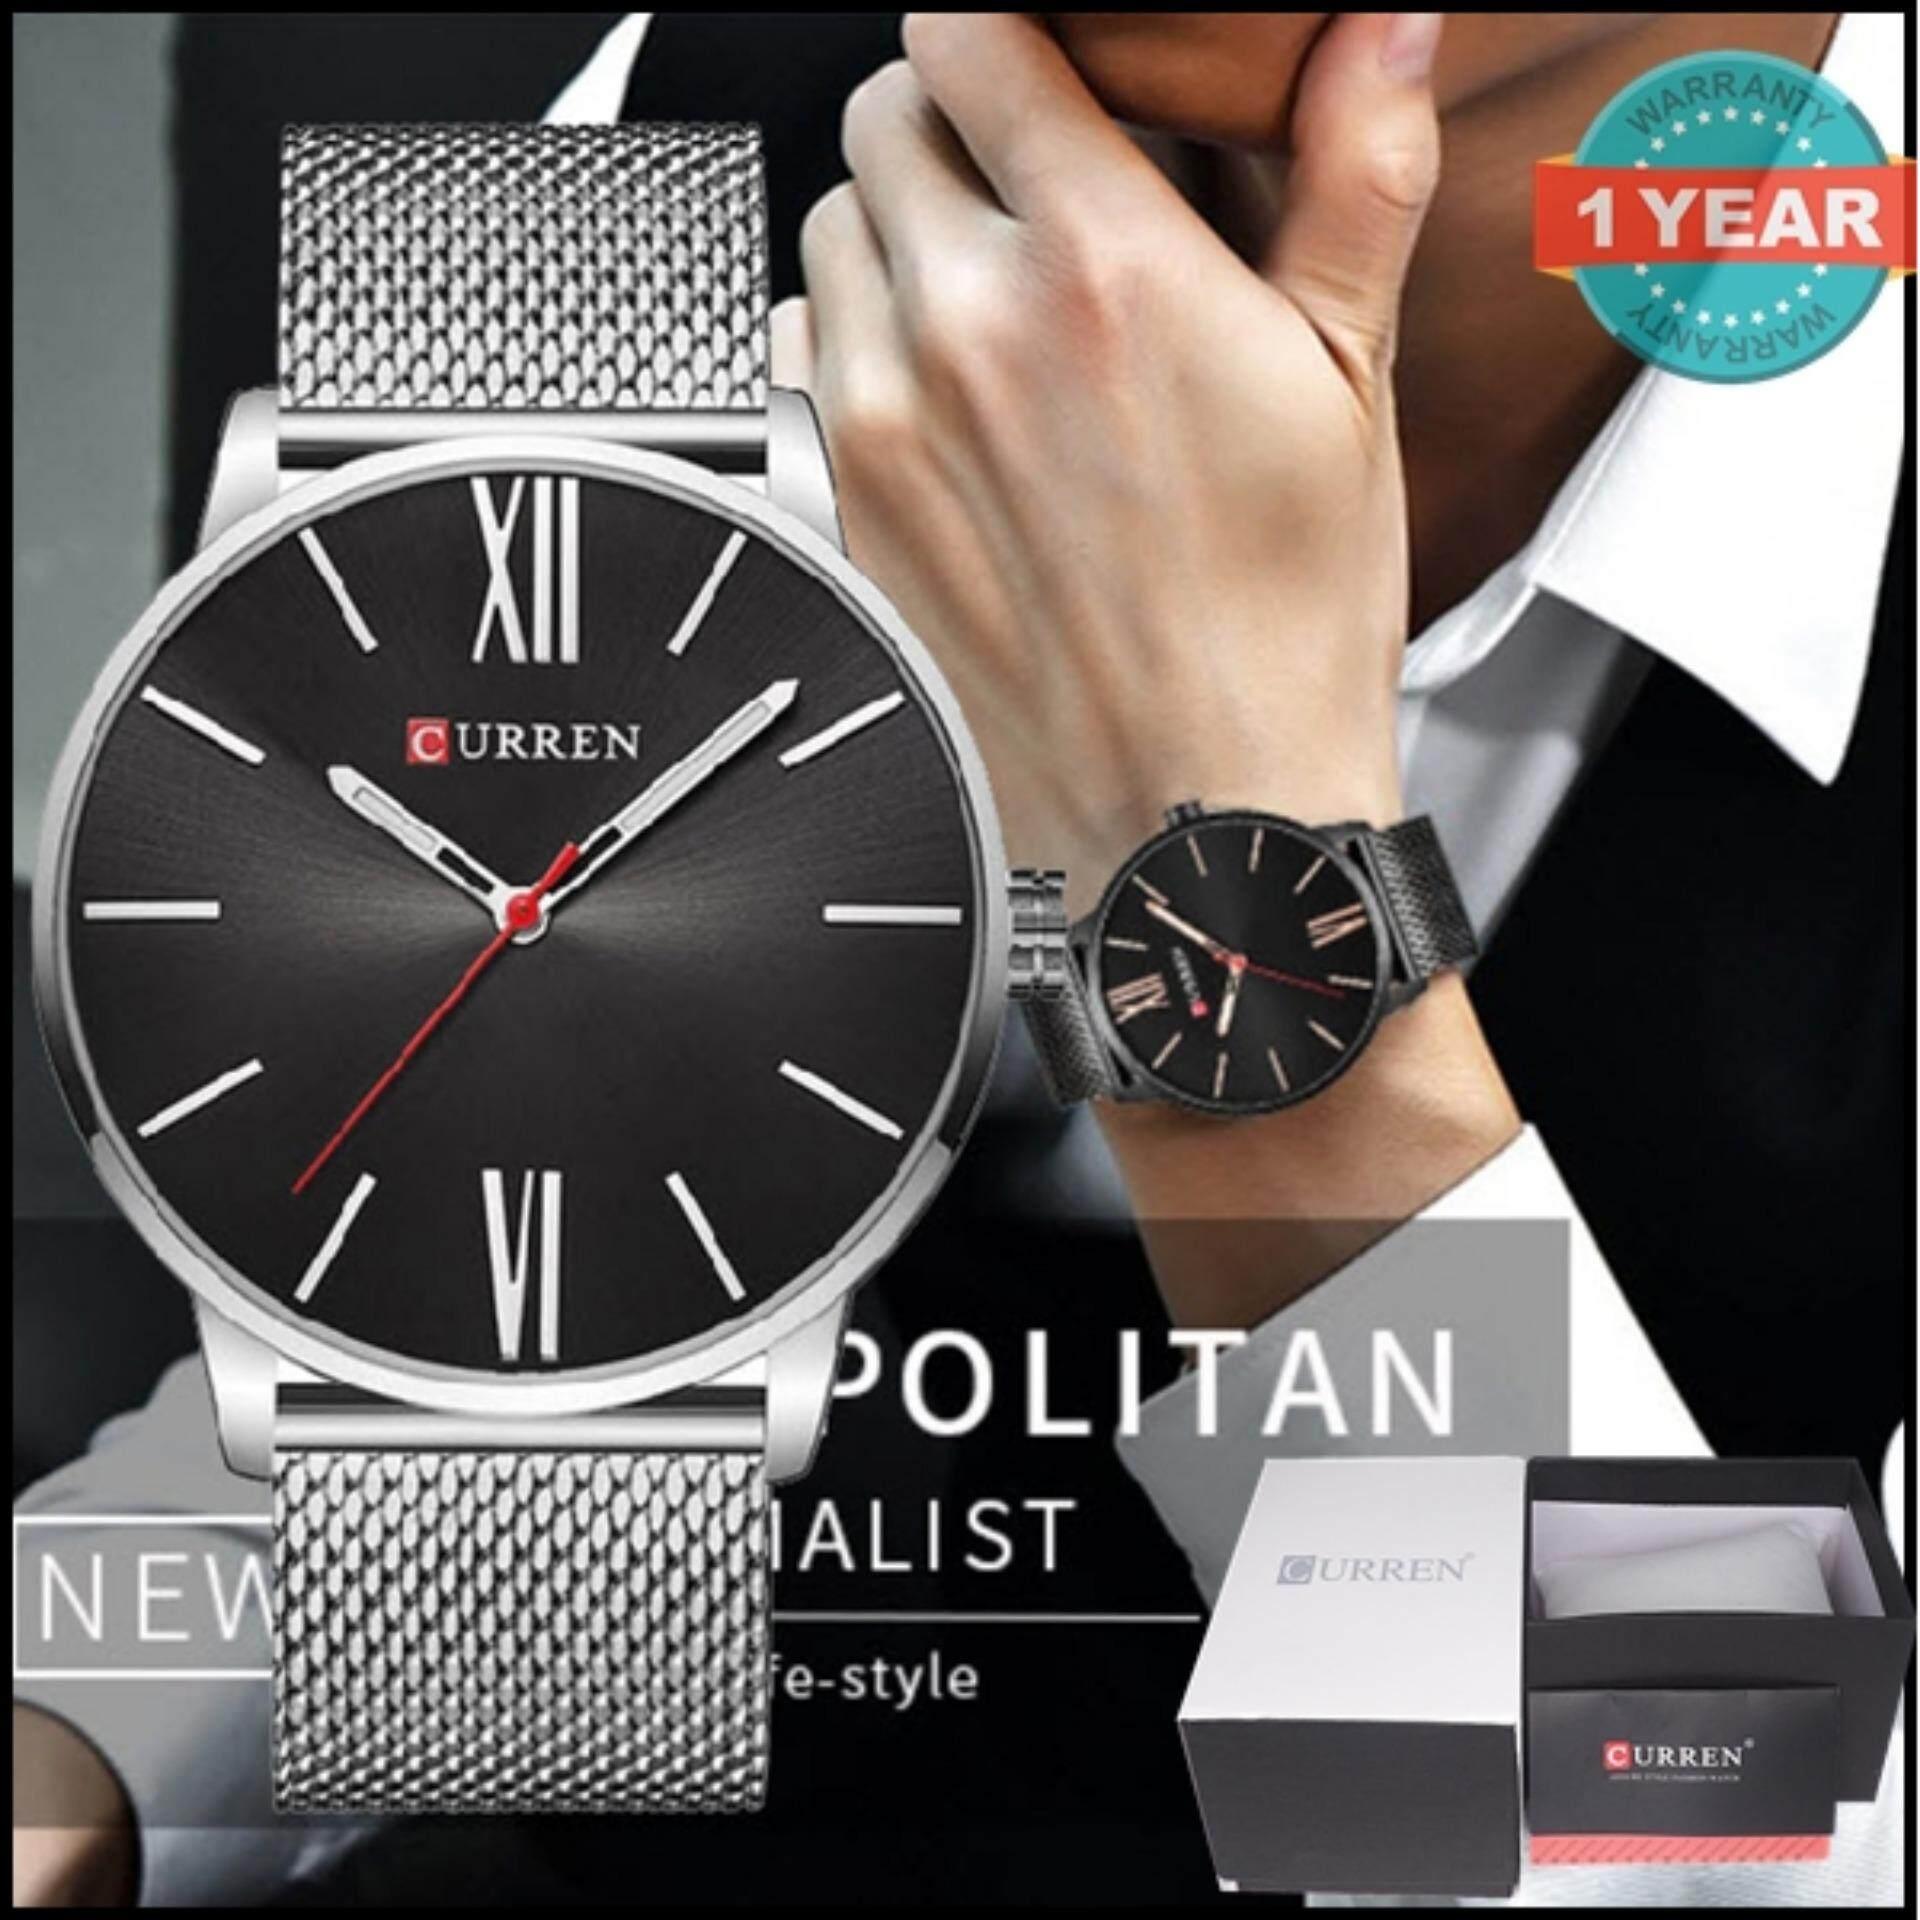 ราคา ราคาถูกที่สุด Curren นาฬิกาข้อมือสุภาพบุรุษ สายสแตนเลส สีดำ เงิน ตัวเลขโรมัน รุ่น C8238 Black